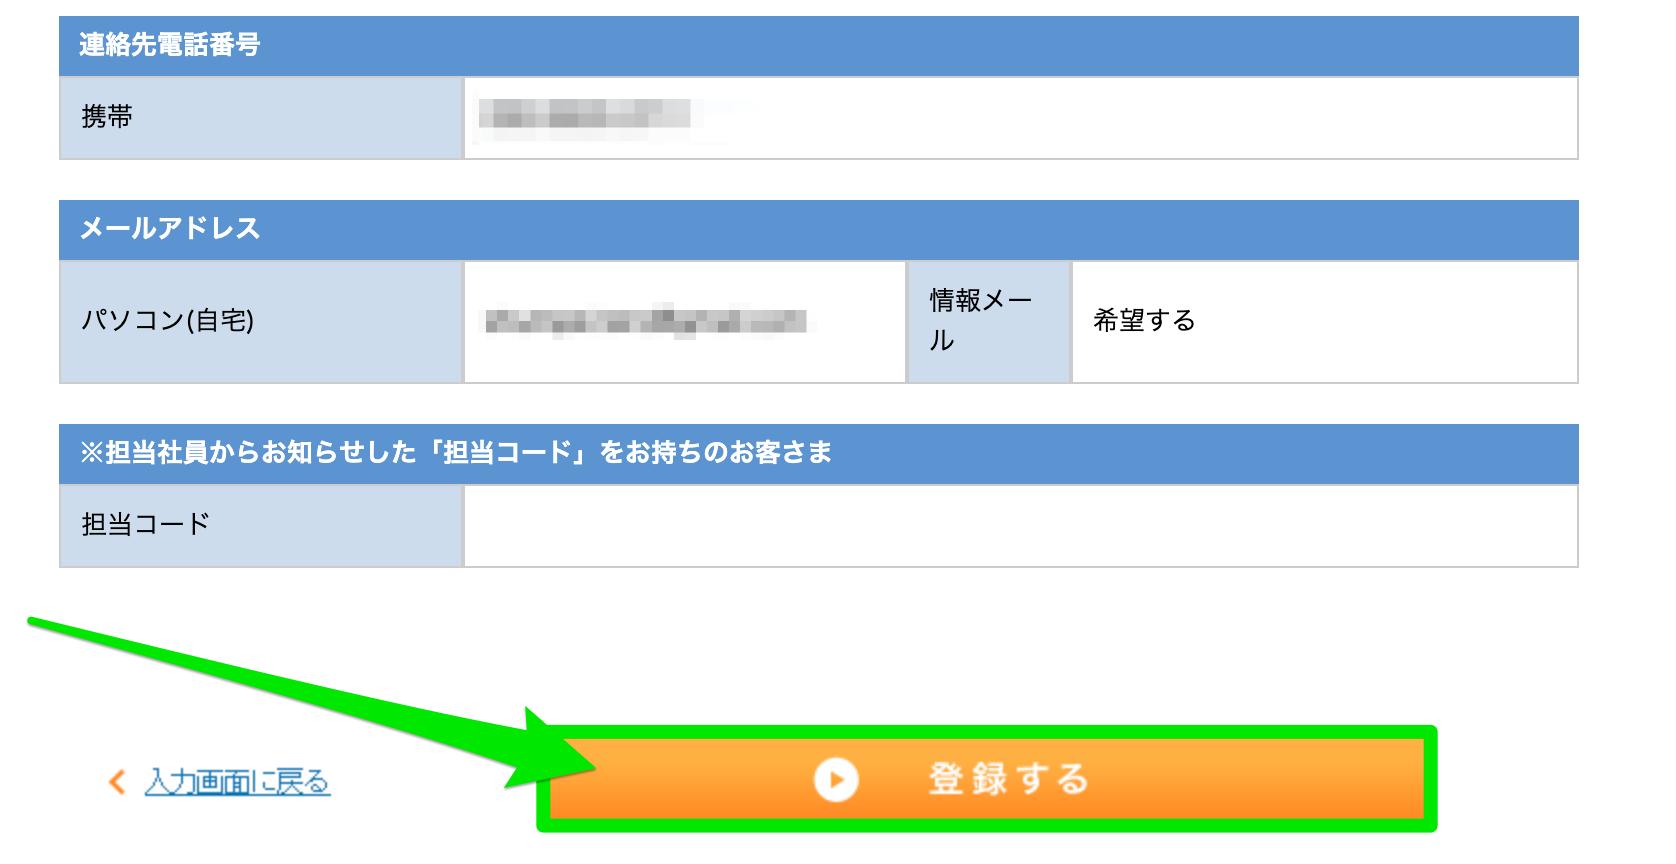 近畿日本ツーリストで会員登録情報の確認